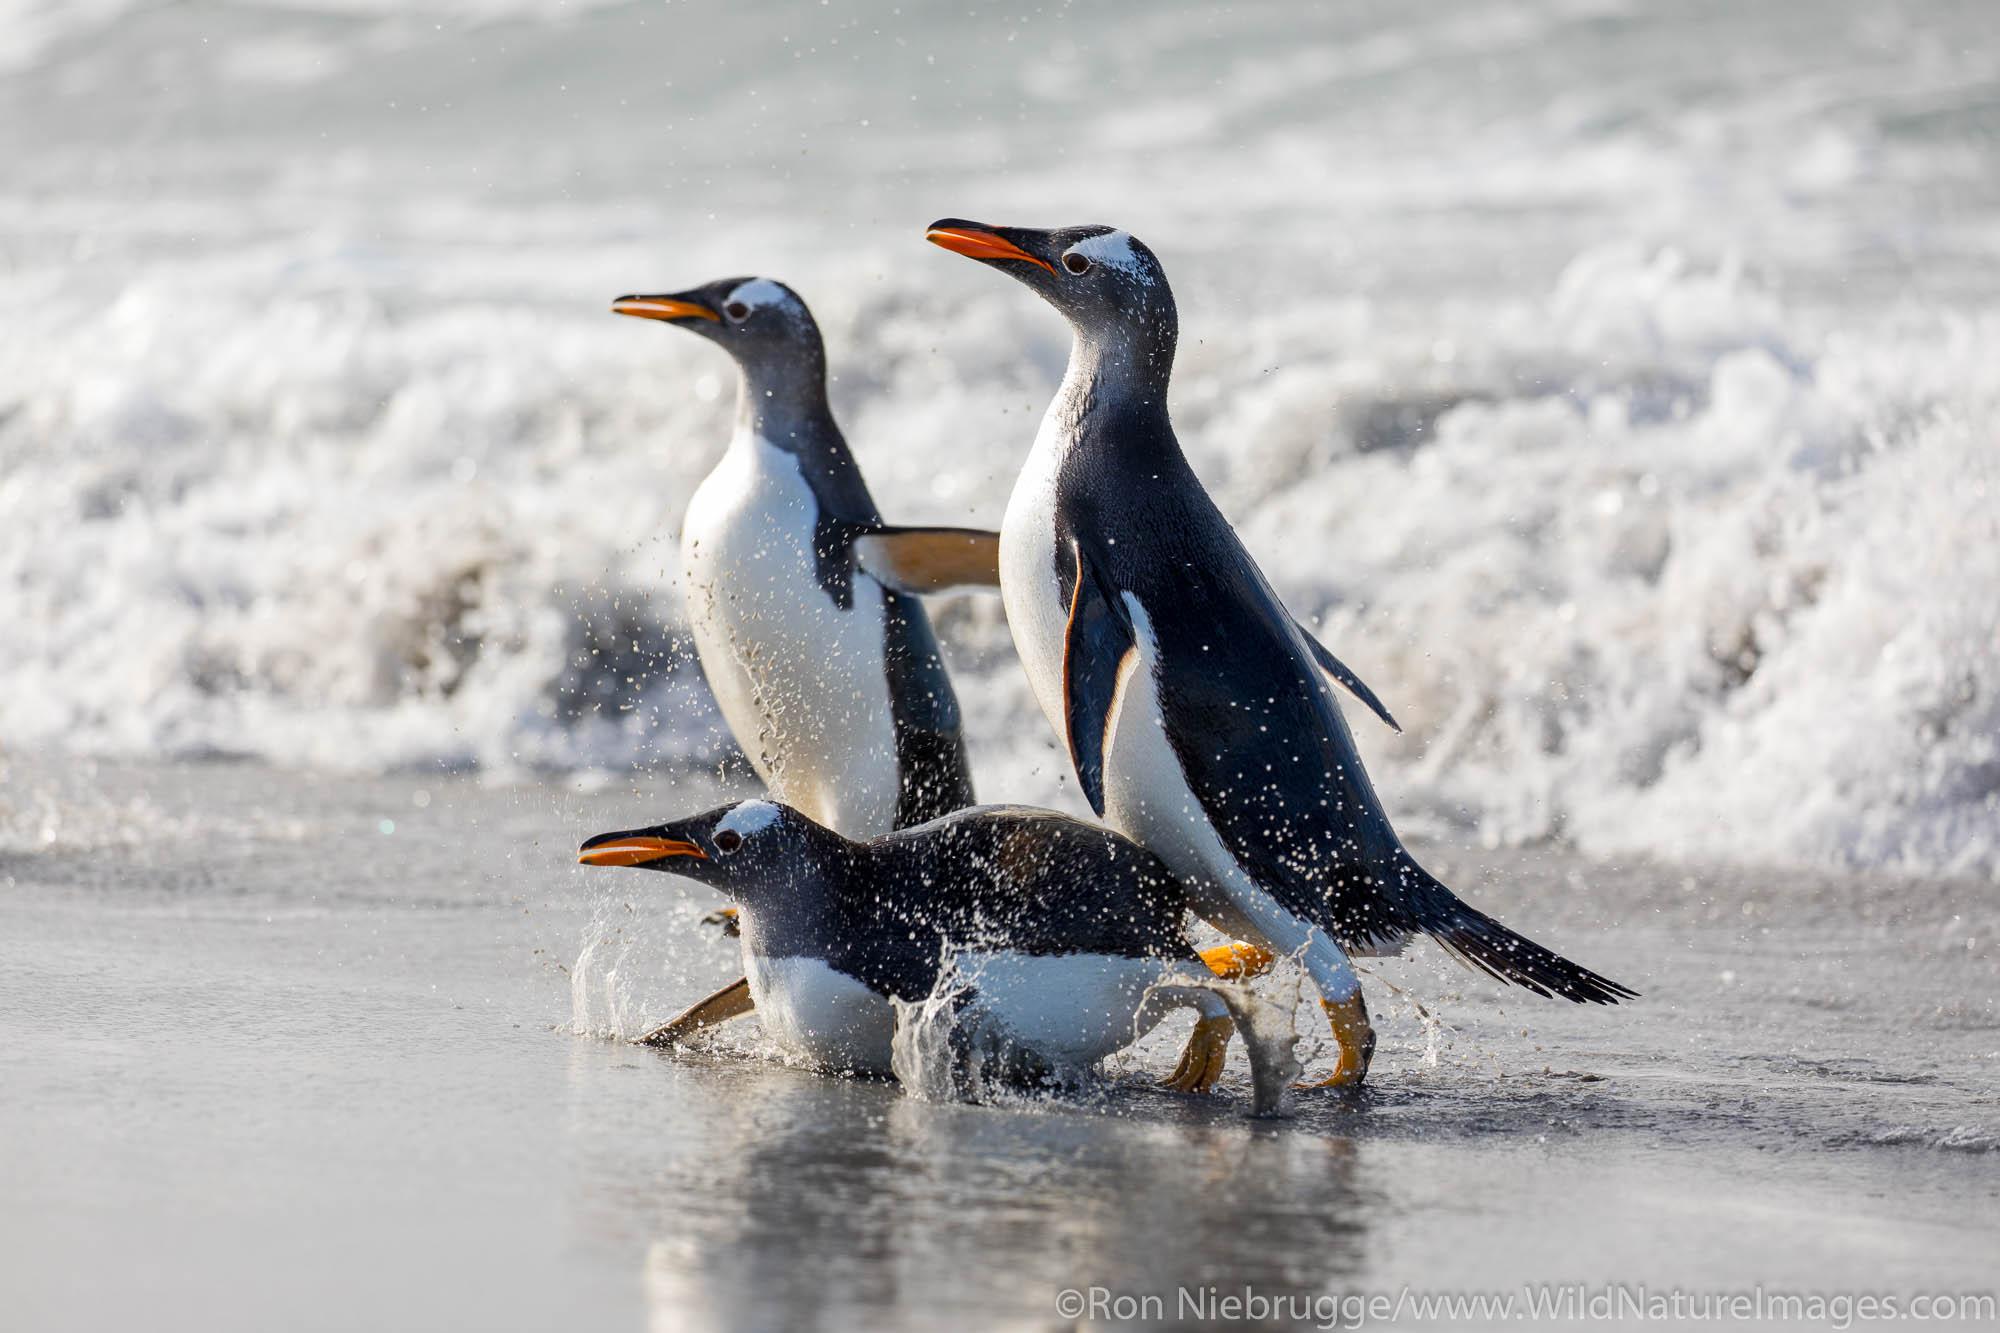 Falklands, Falkland islands, photos, photo